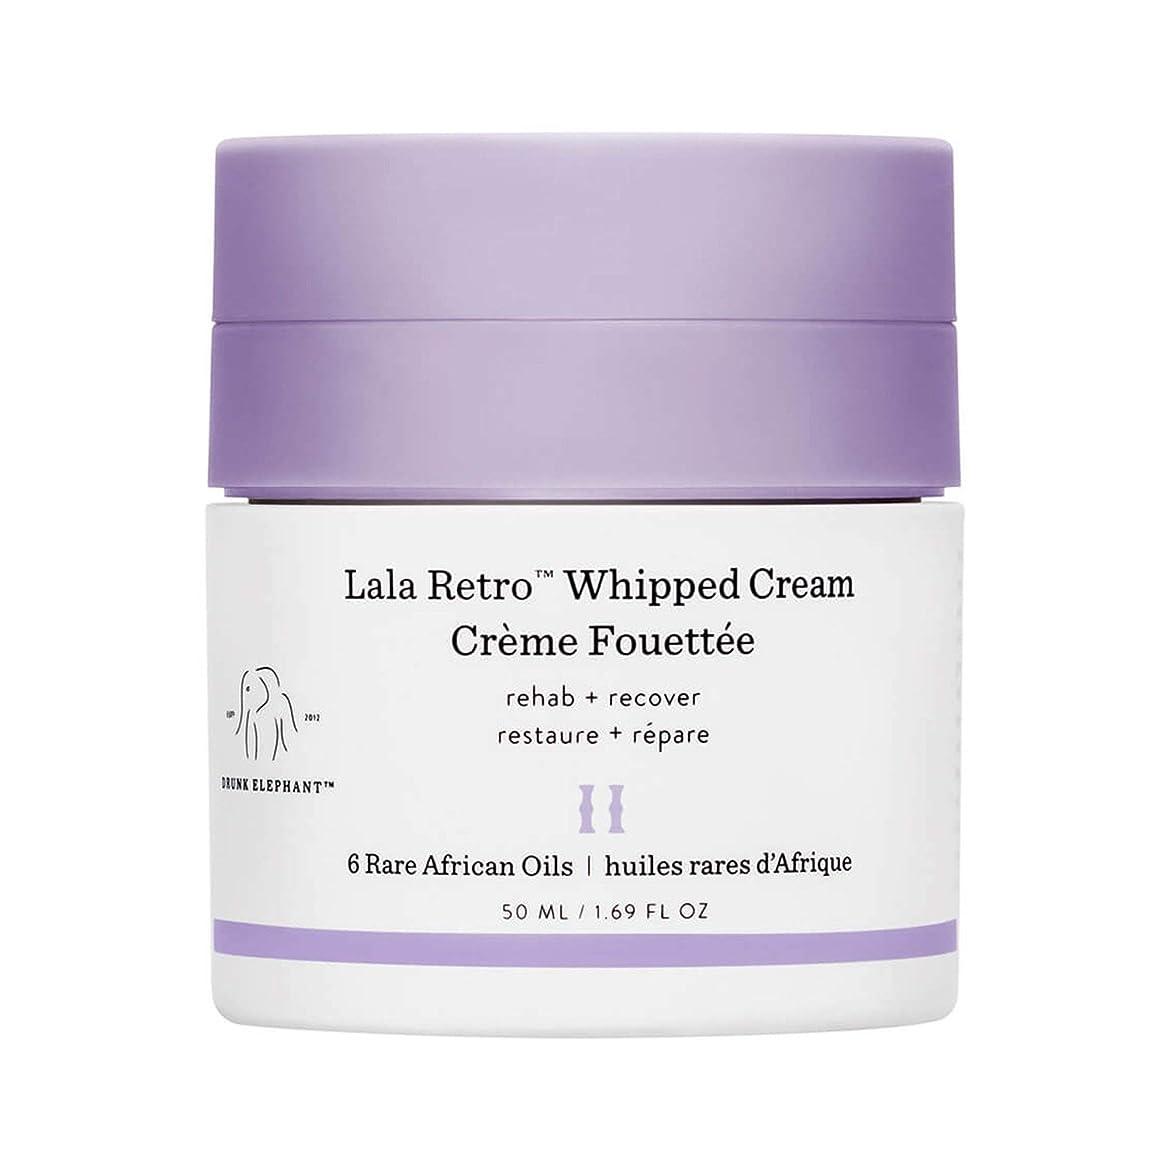 効果的にむちゃくちゃ飛び込むDRUNK ELEPHANT Lala Retro Whipped Cream 1.69 oz/ 50 ml ドランクエレファント ララレトロ ホイップドクリーム 1.69 oz/ 50 ml